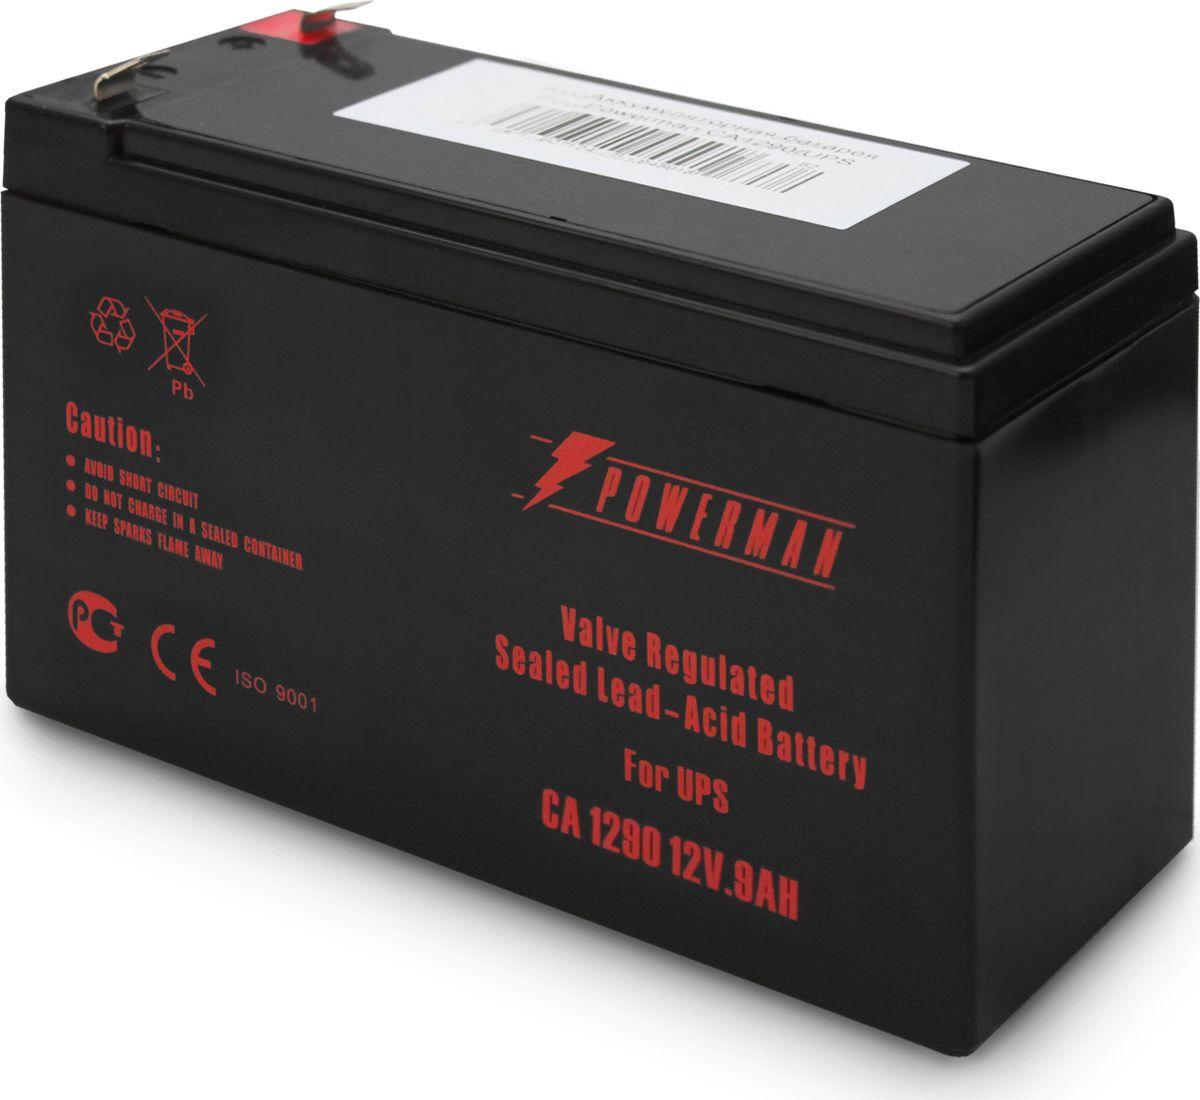 Аккумулятор Powerman  CA1290/UPS , 9000 мАч - Источники бесперебойного питания (UPS)